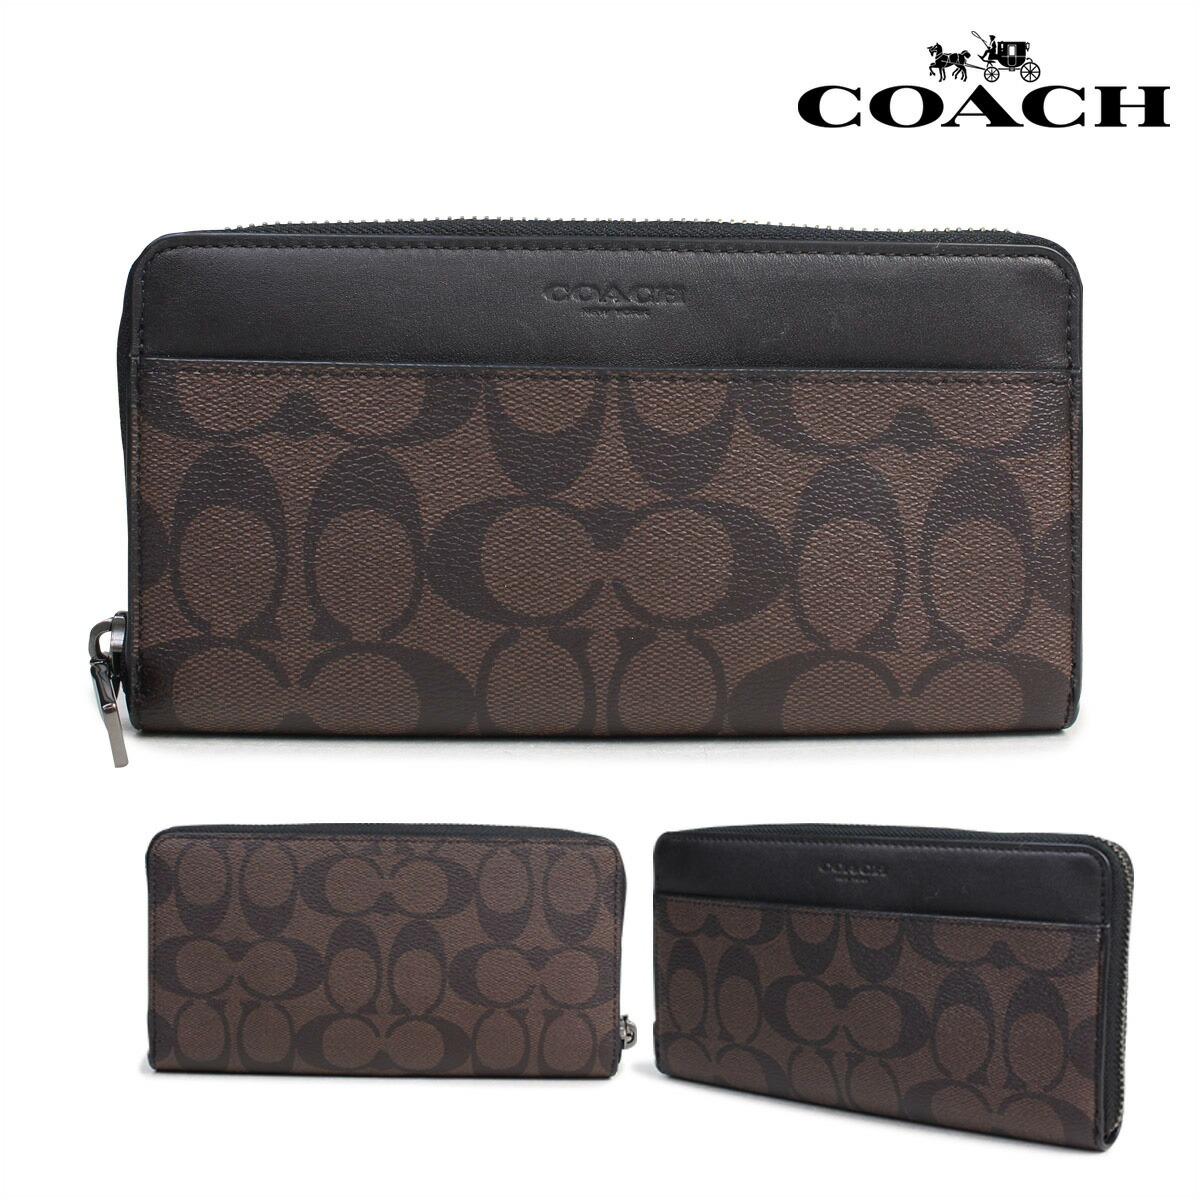 Coach shop online